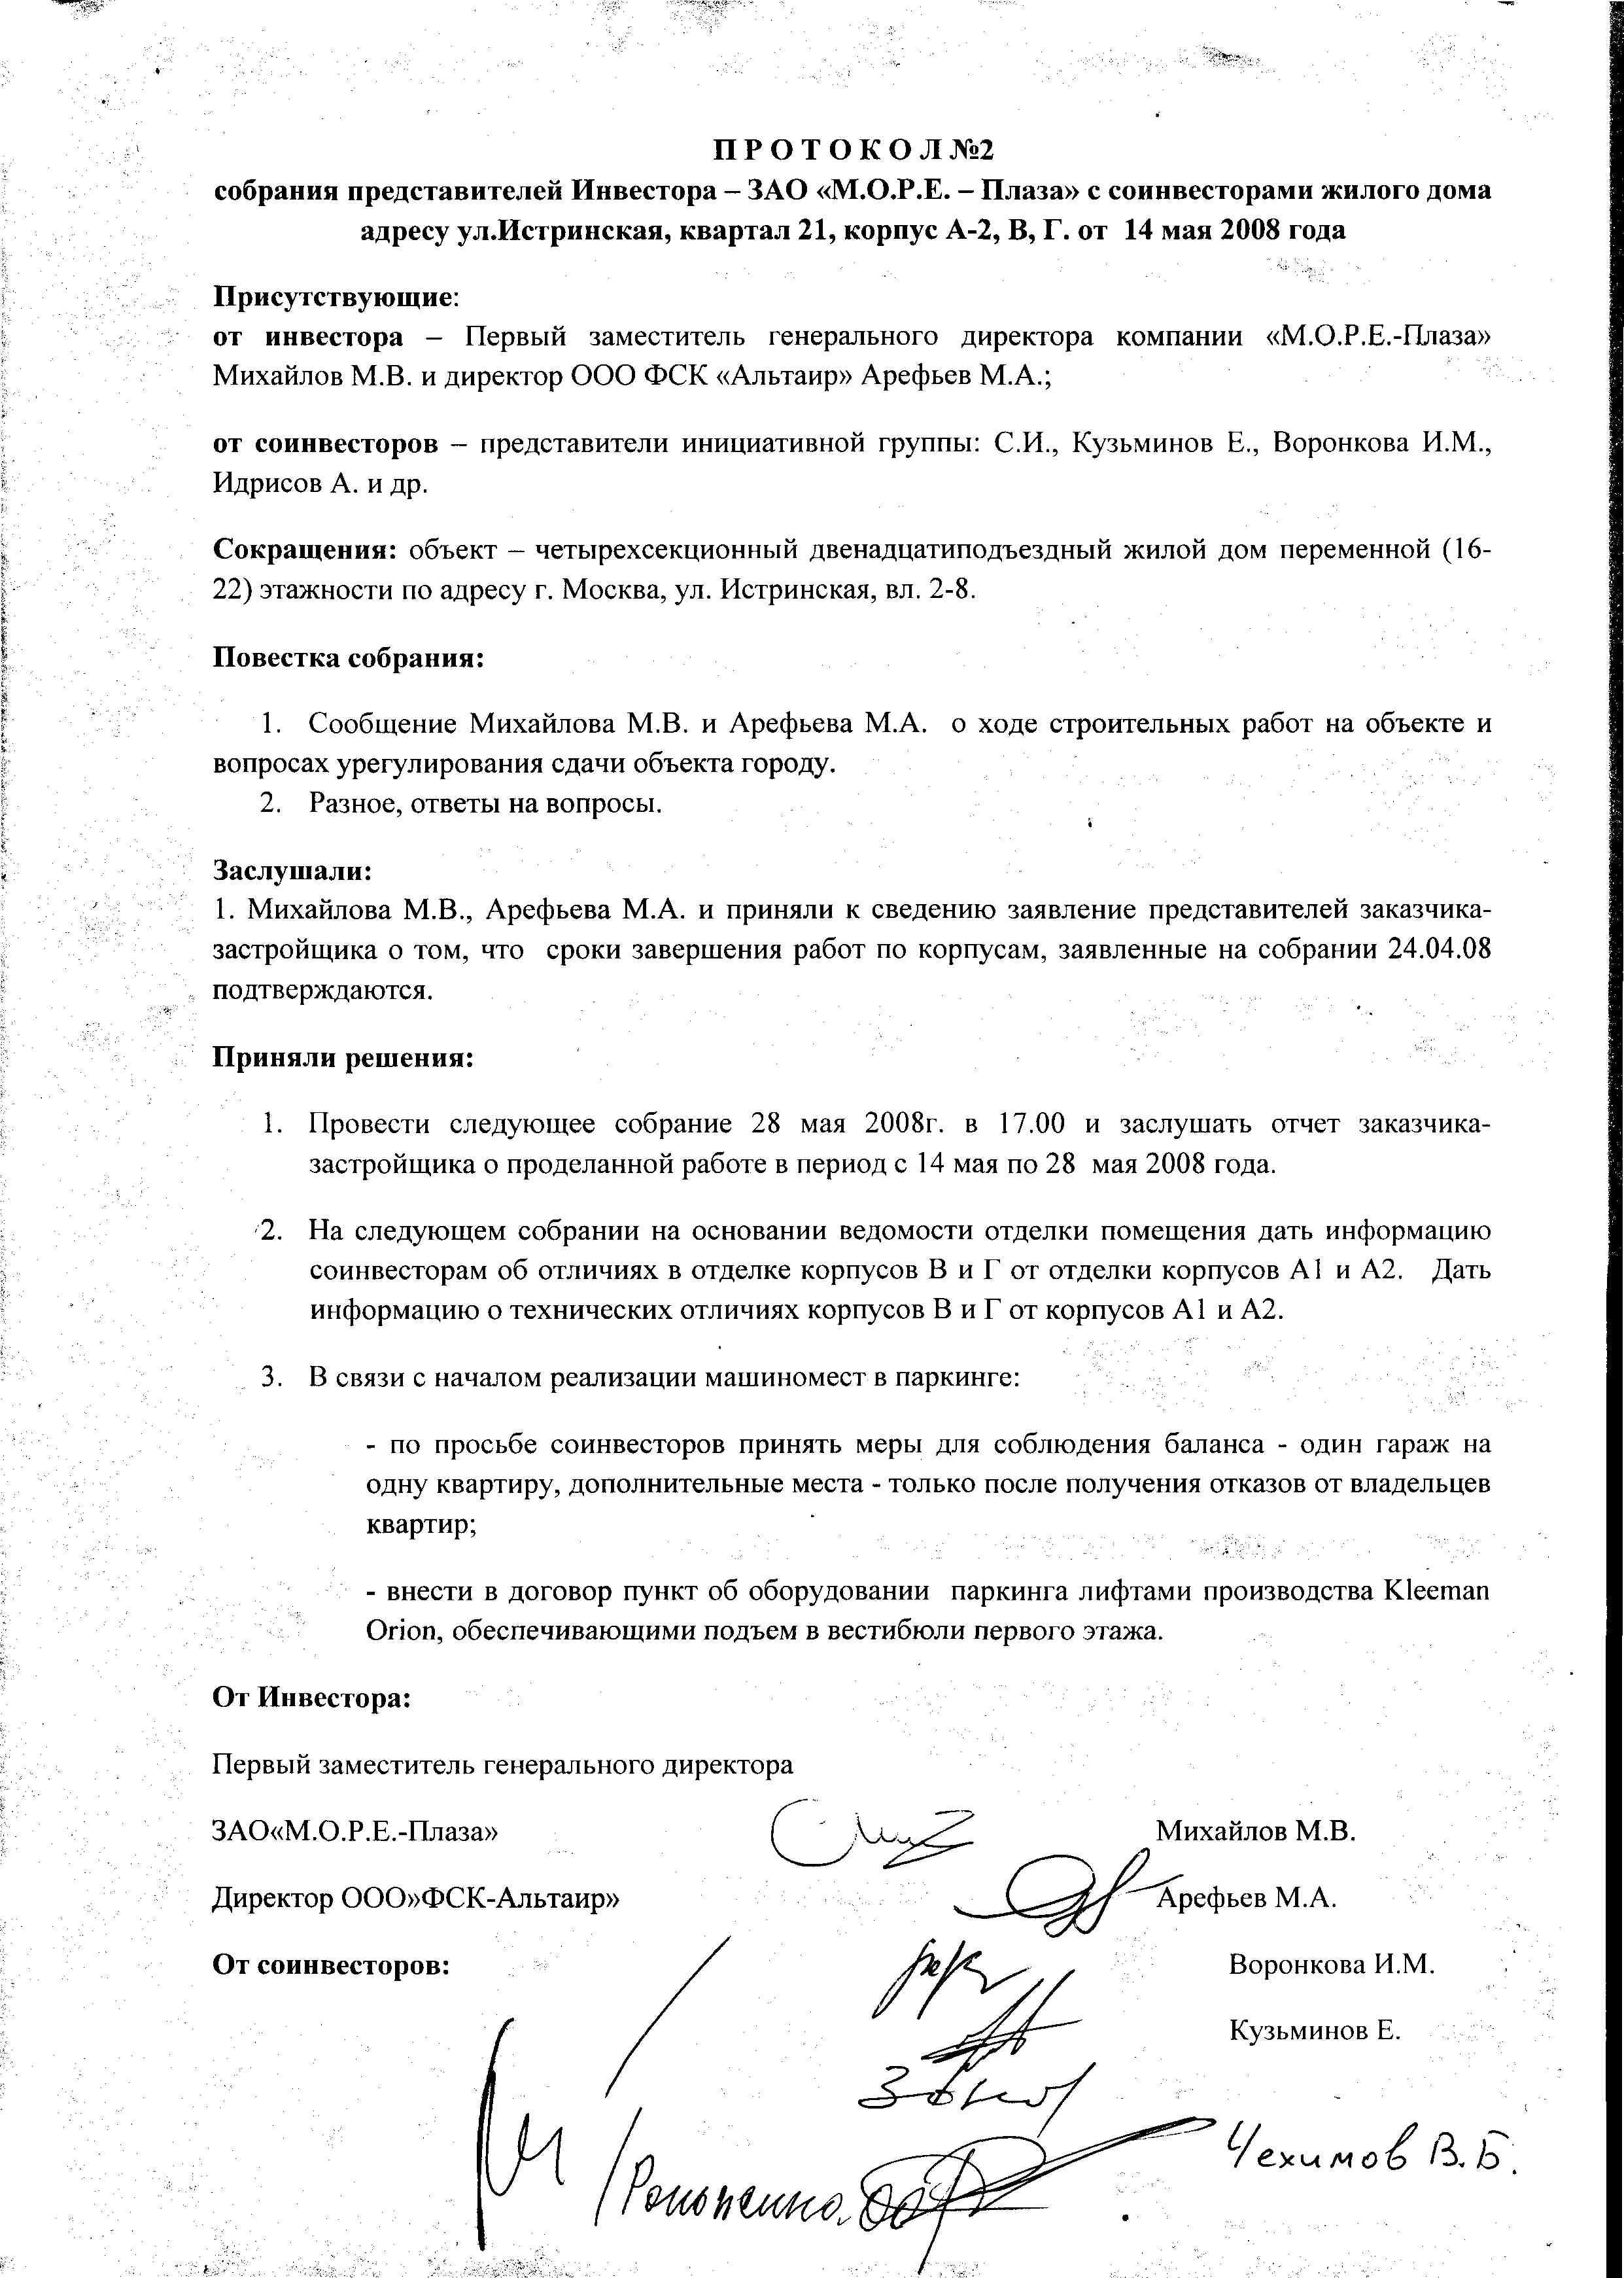 бланк протокола лифтеров